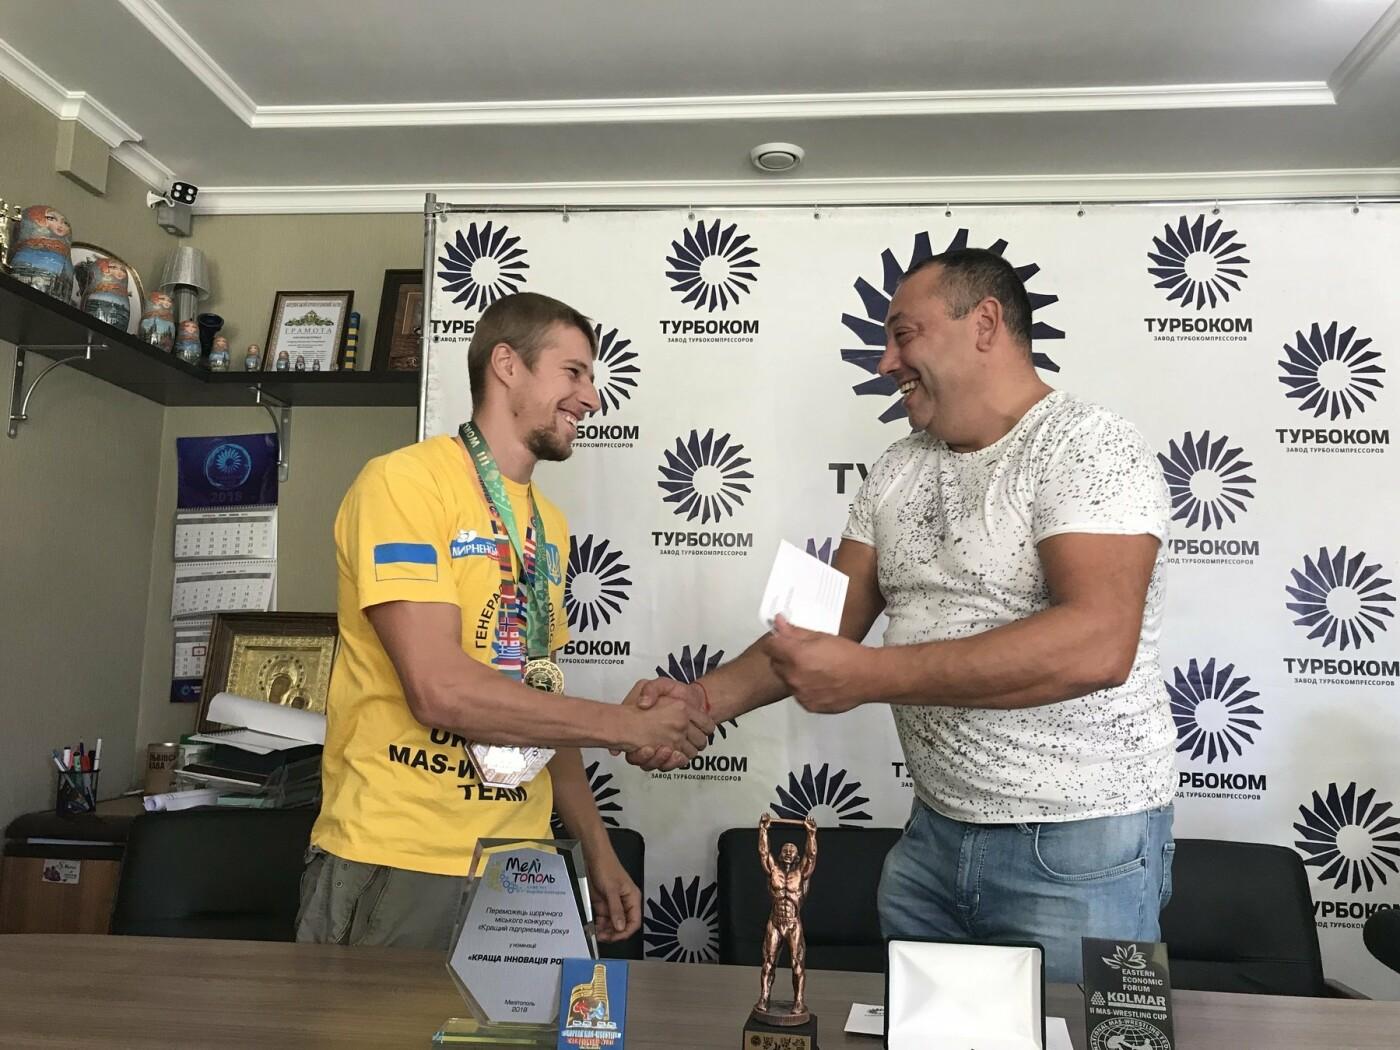 Сборная Украины по мас-рестлингу завоевала четыре медали на престижных соревнованиях, фото-16